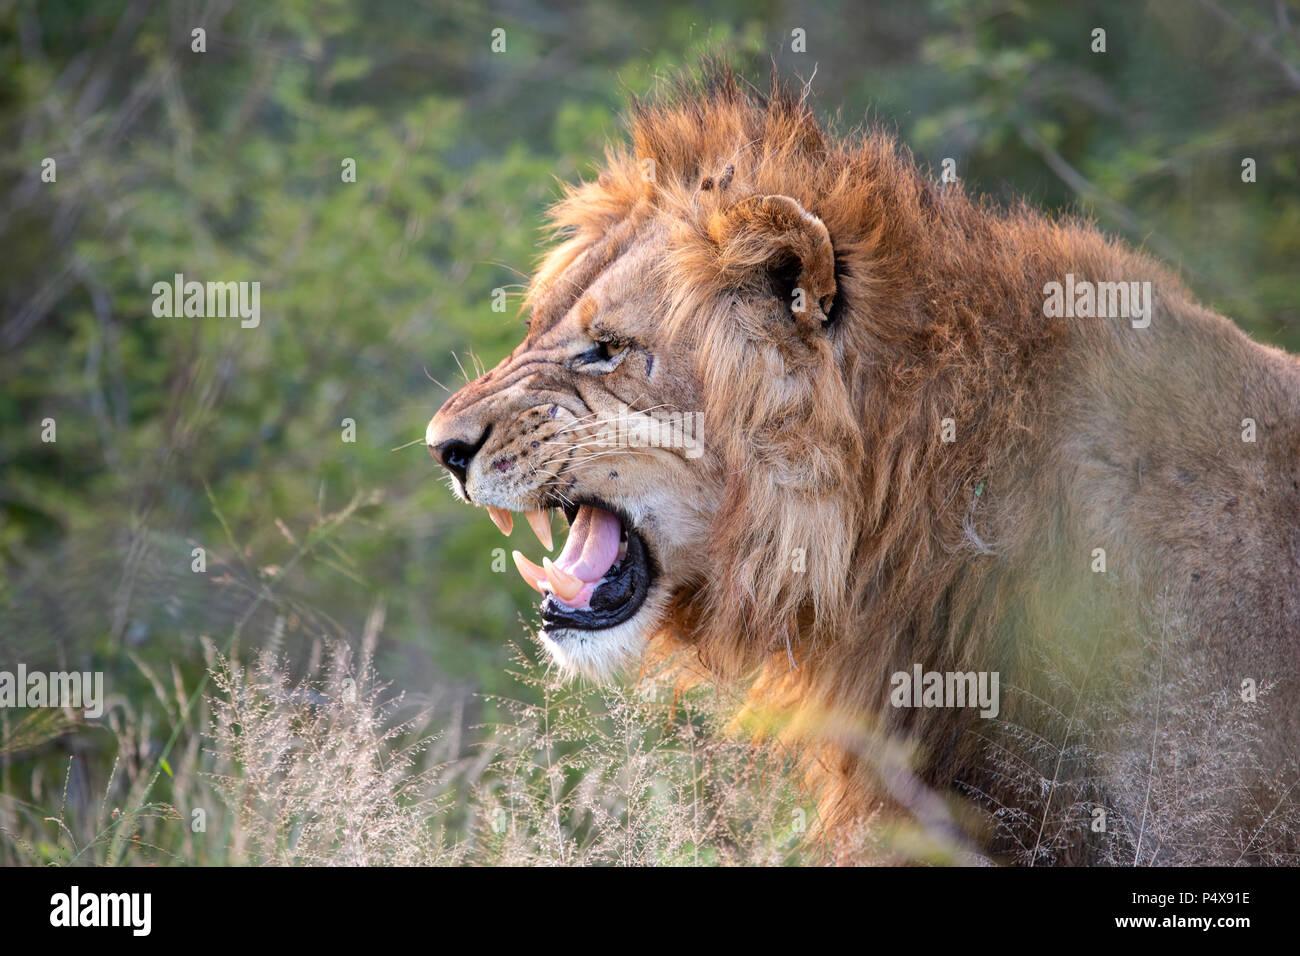 Close up Kopfschuss im Profil der männliche Löwe Panthera leo knurrende und baring Zähne Stockbild